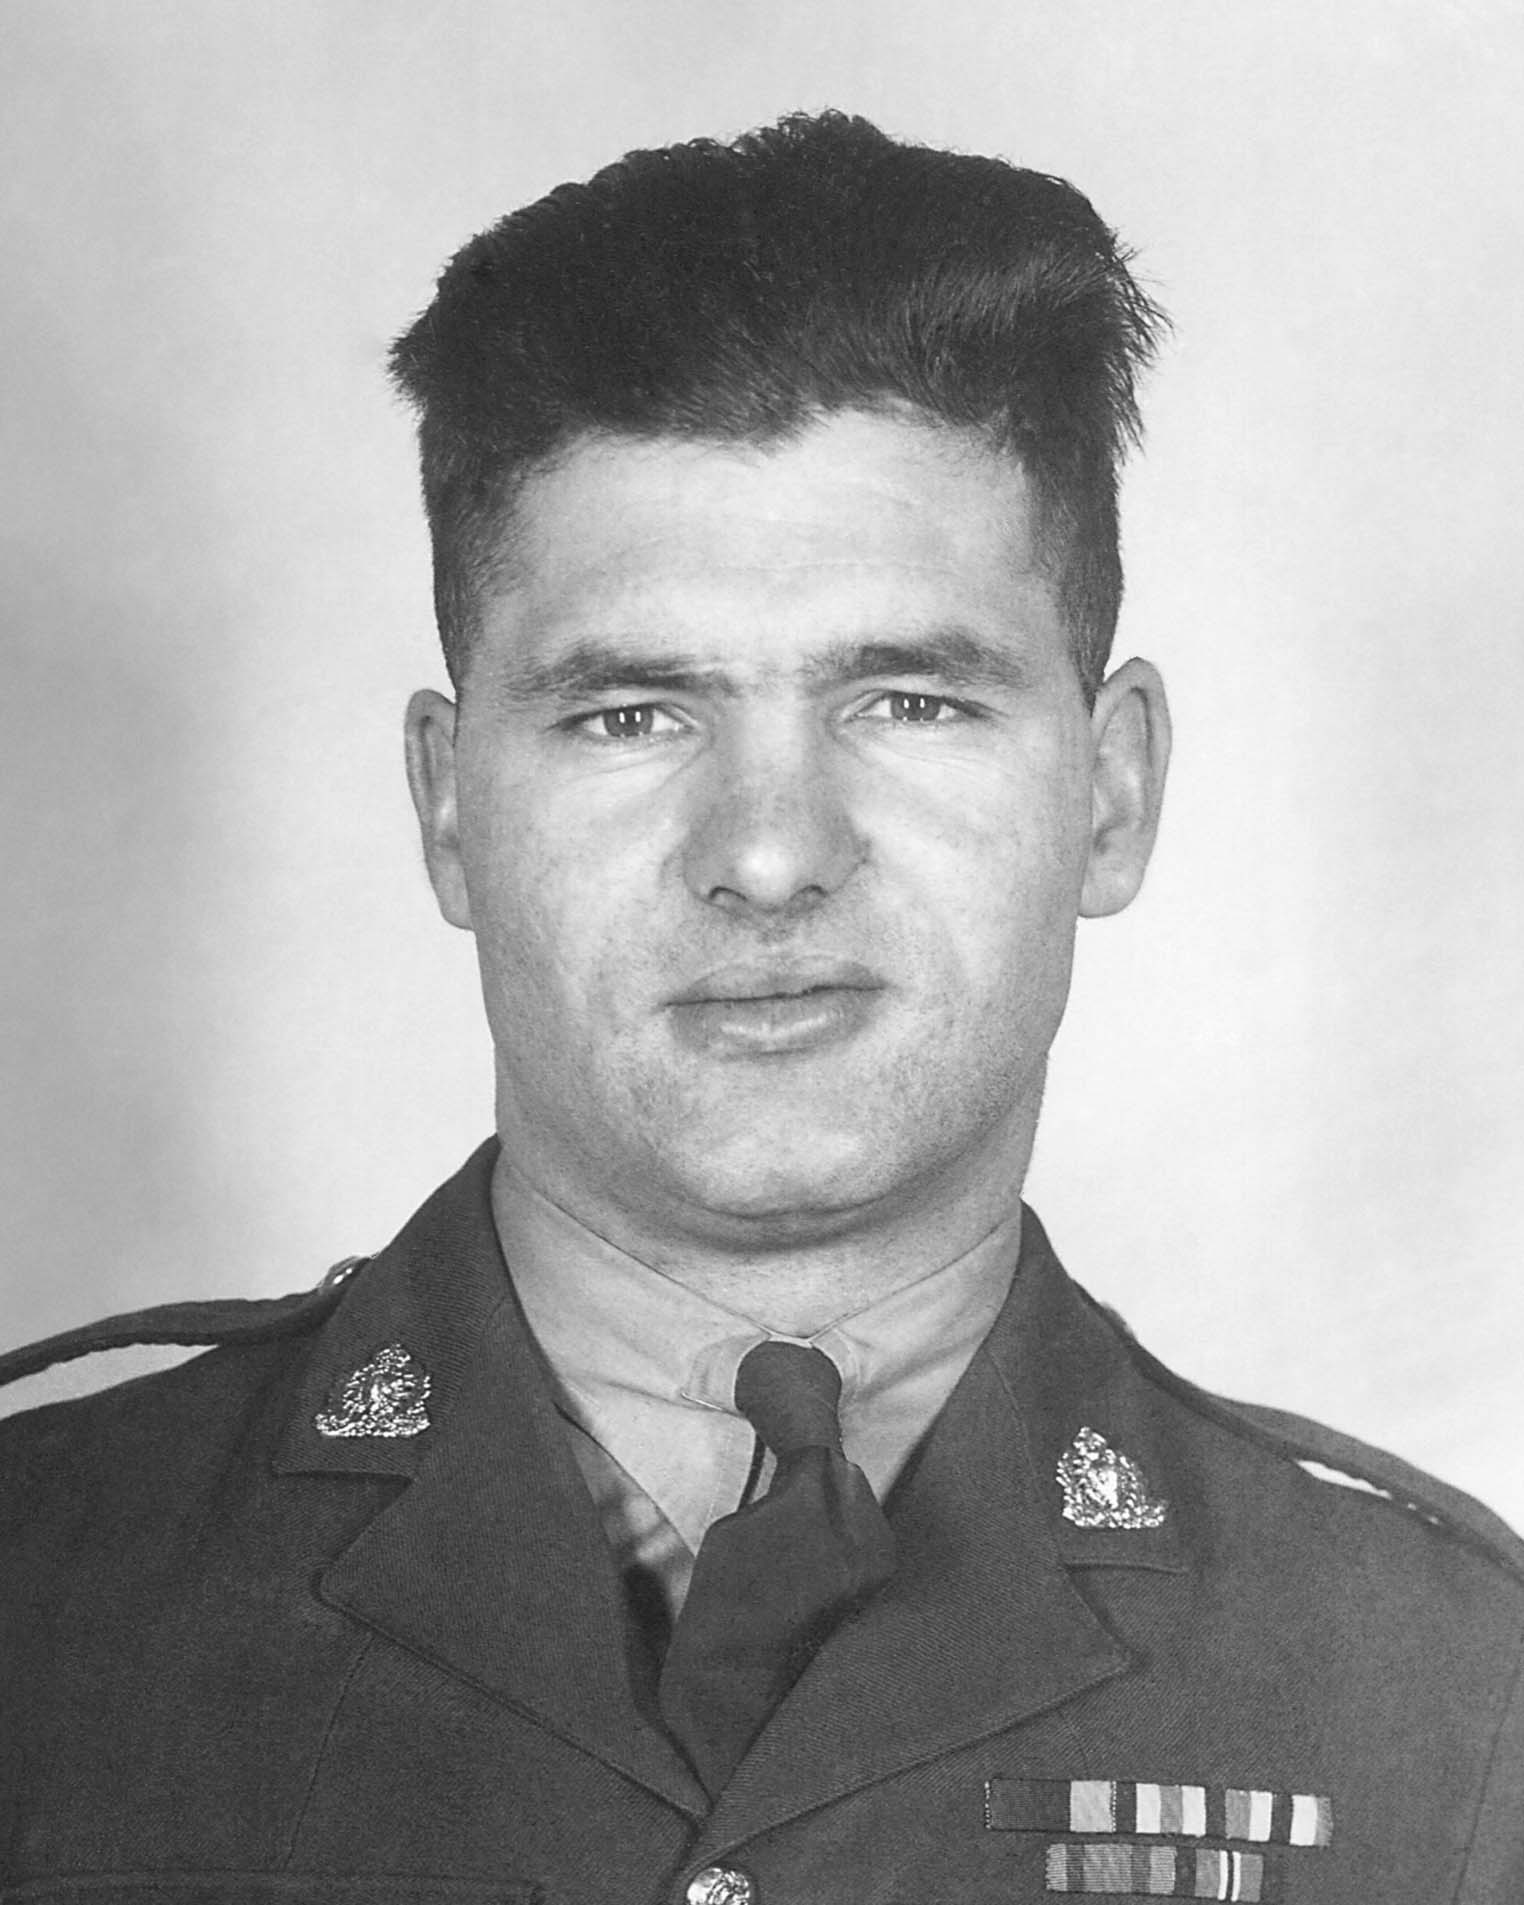 Gendarme Roy Eldon Laird – © Sa Majesté la Reine du chef du Canada représentée par la Gendarmerie royale du Canada